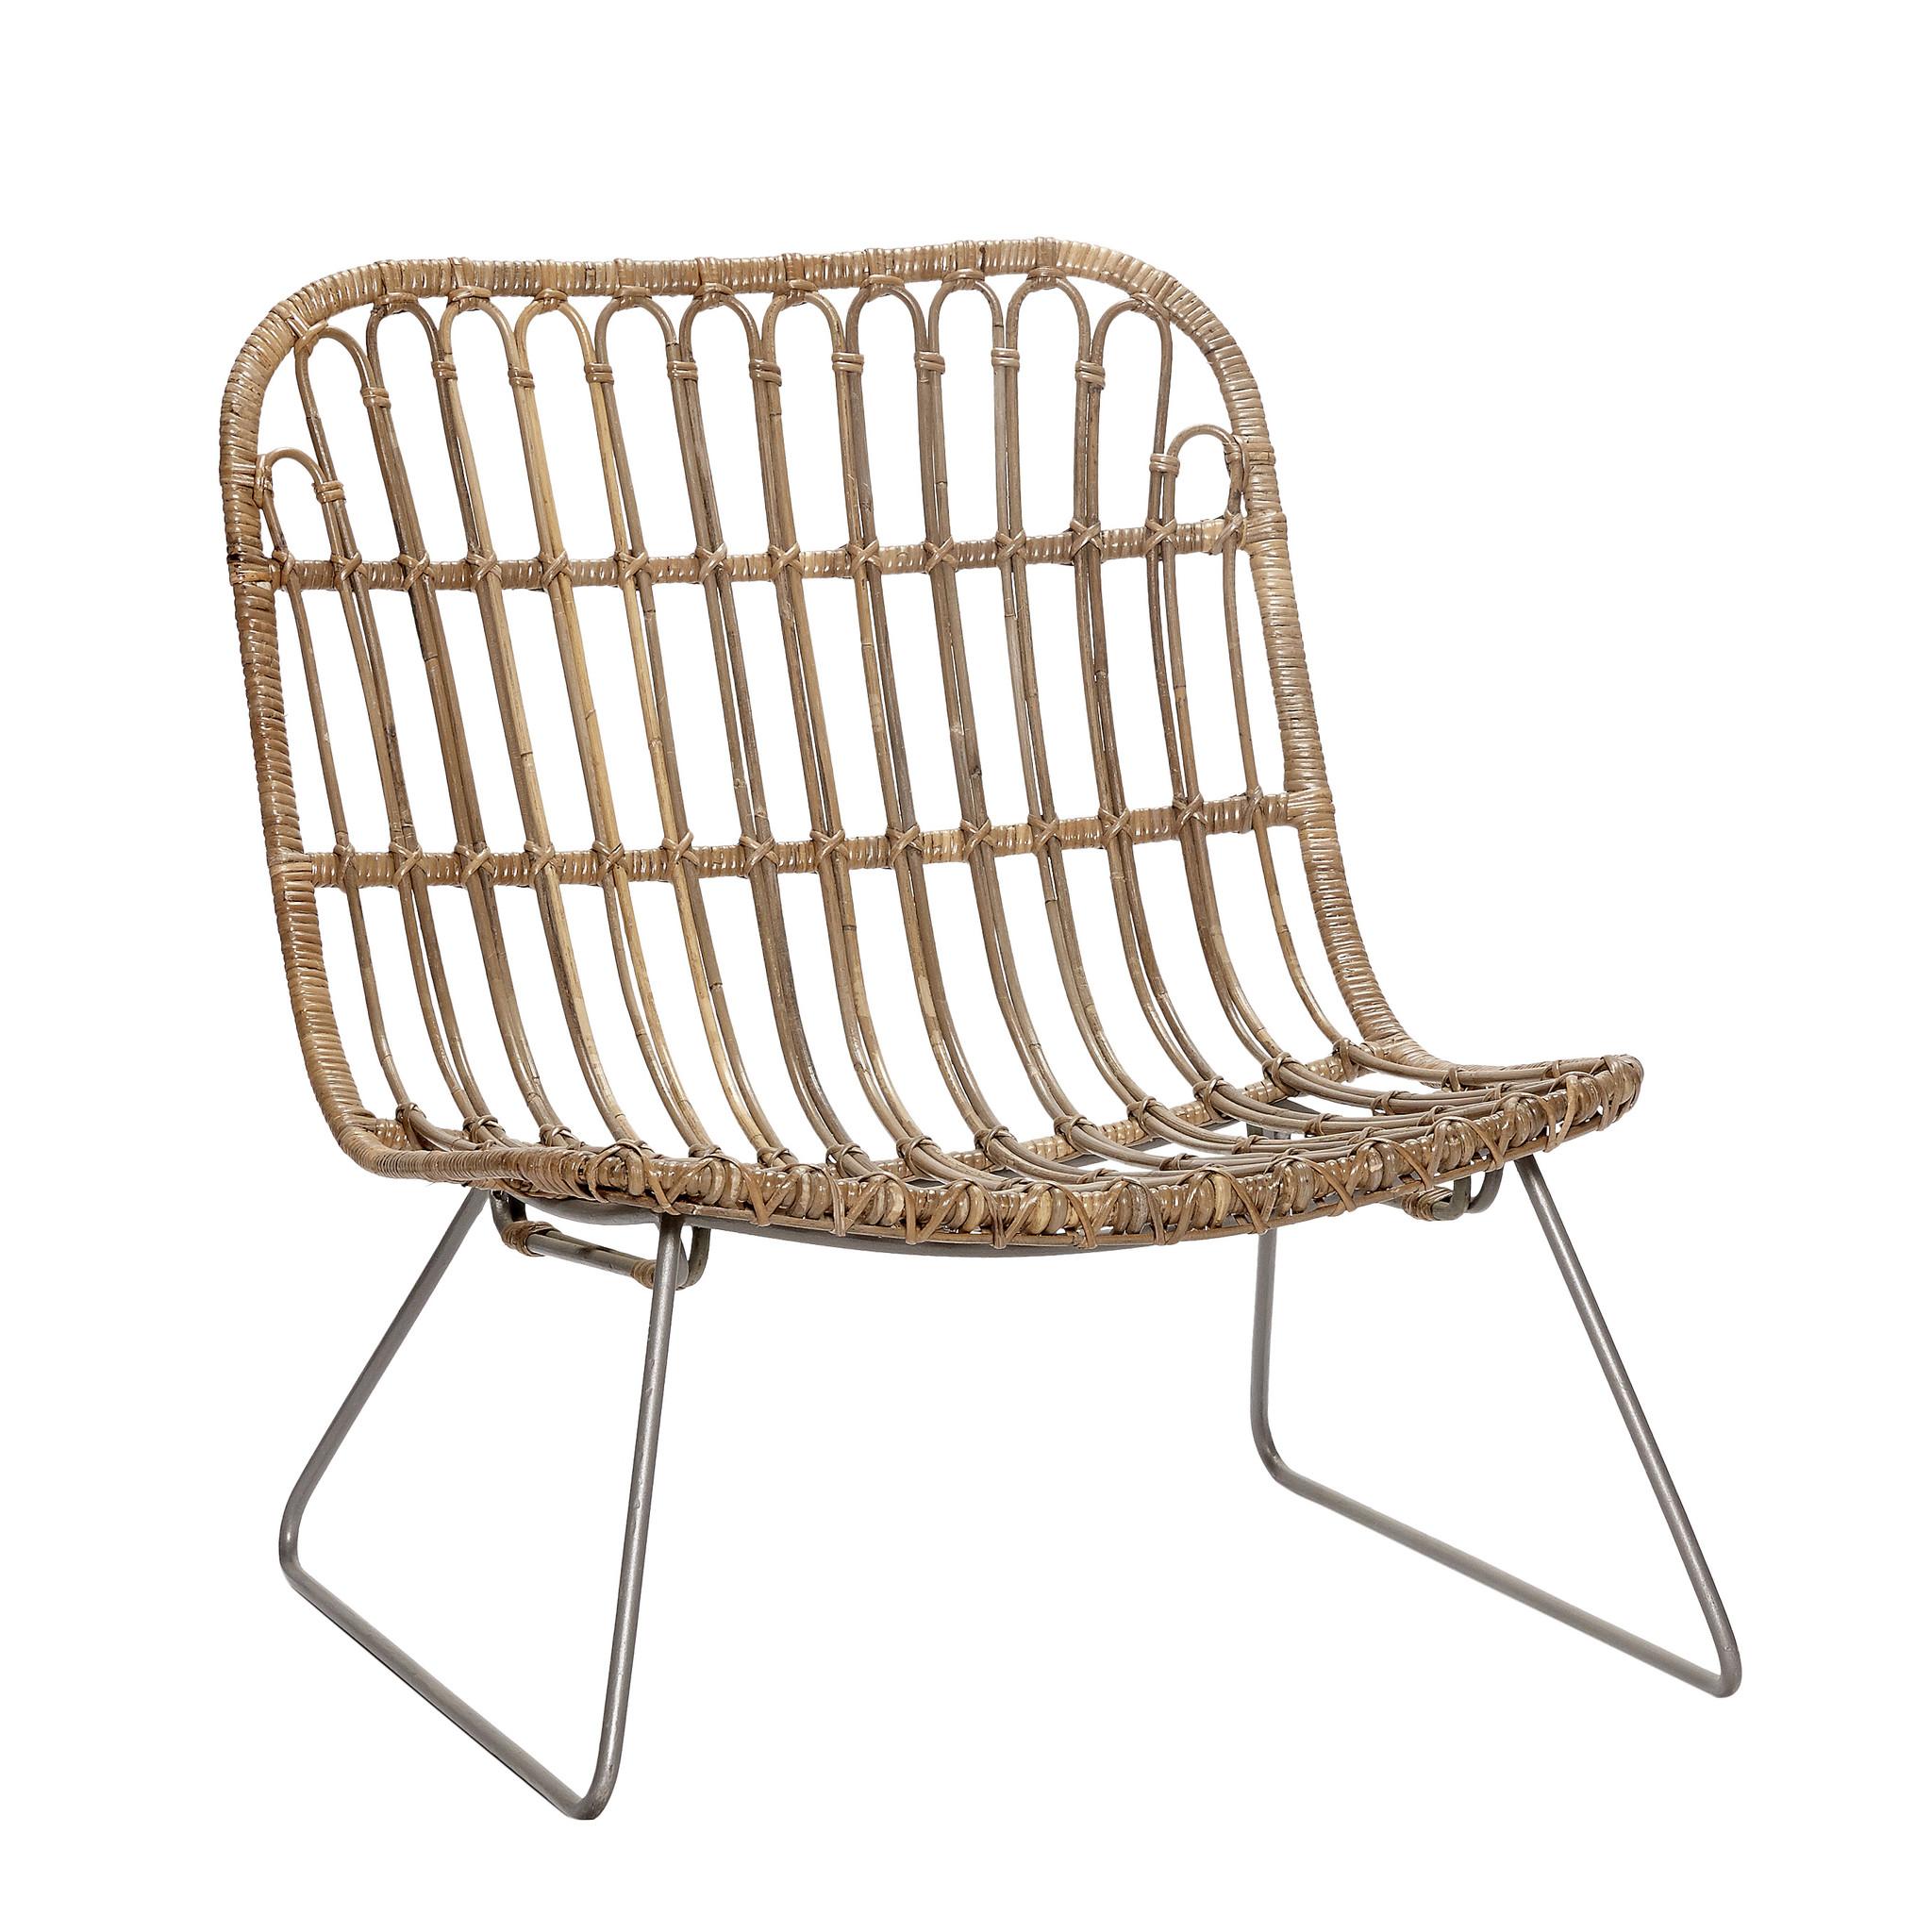 Hubsch Lounge stoel met metalen poten, rotan, natuur-319024-5712772034392